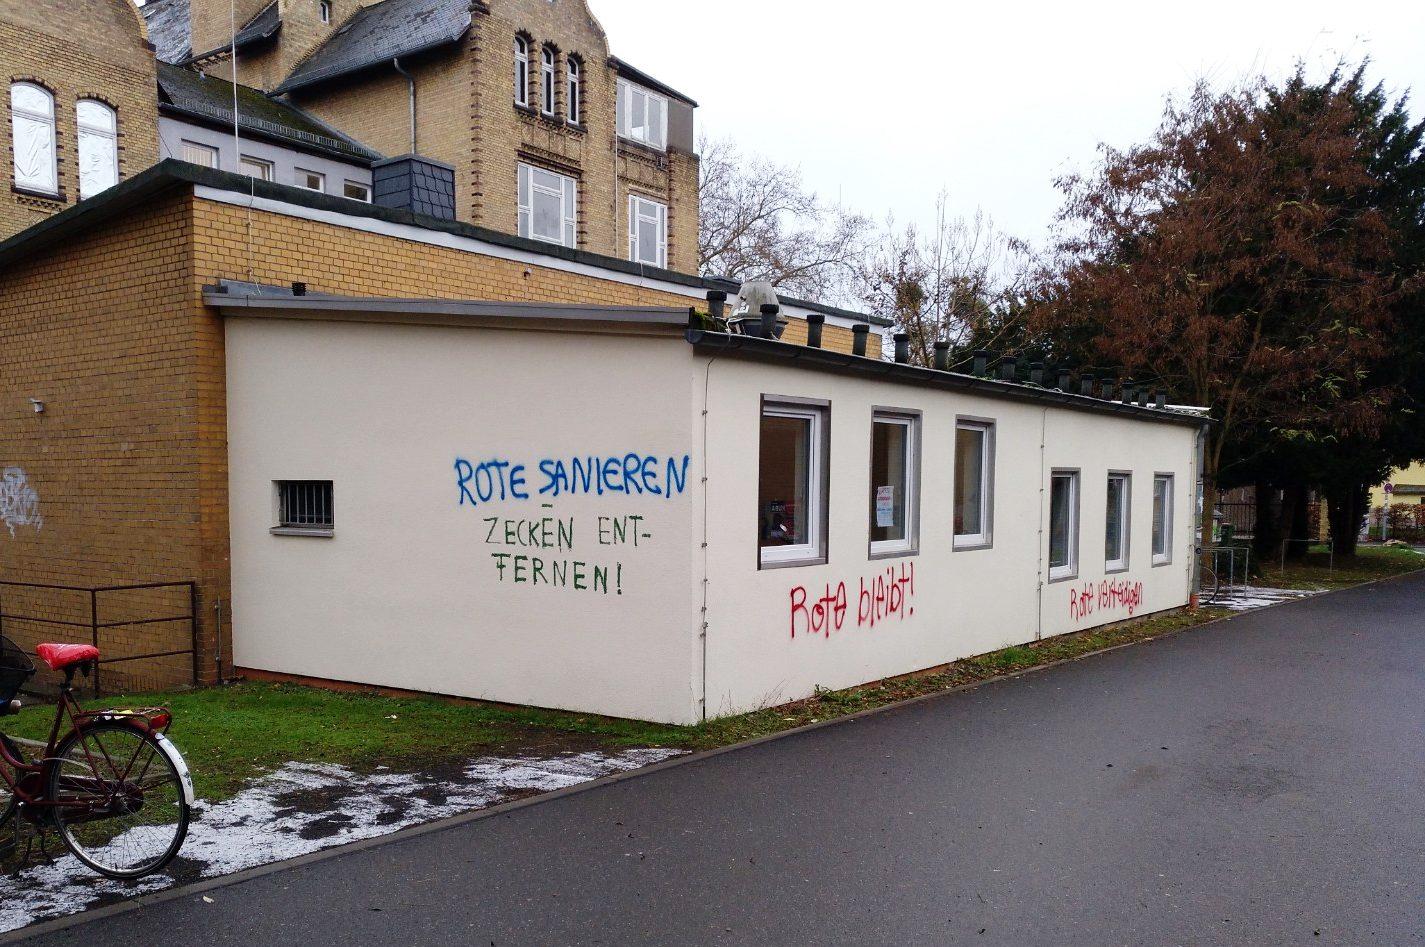 Graffiti auf einem Gebäude der Georg-August-Universität Göttingen: Rote Sanieren und Zecken entfernen.